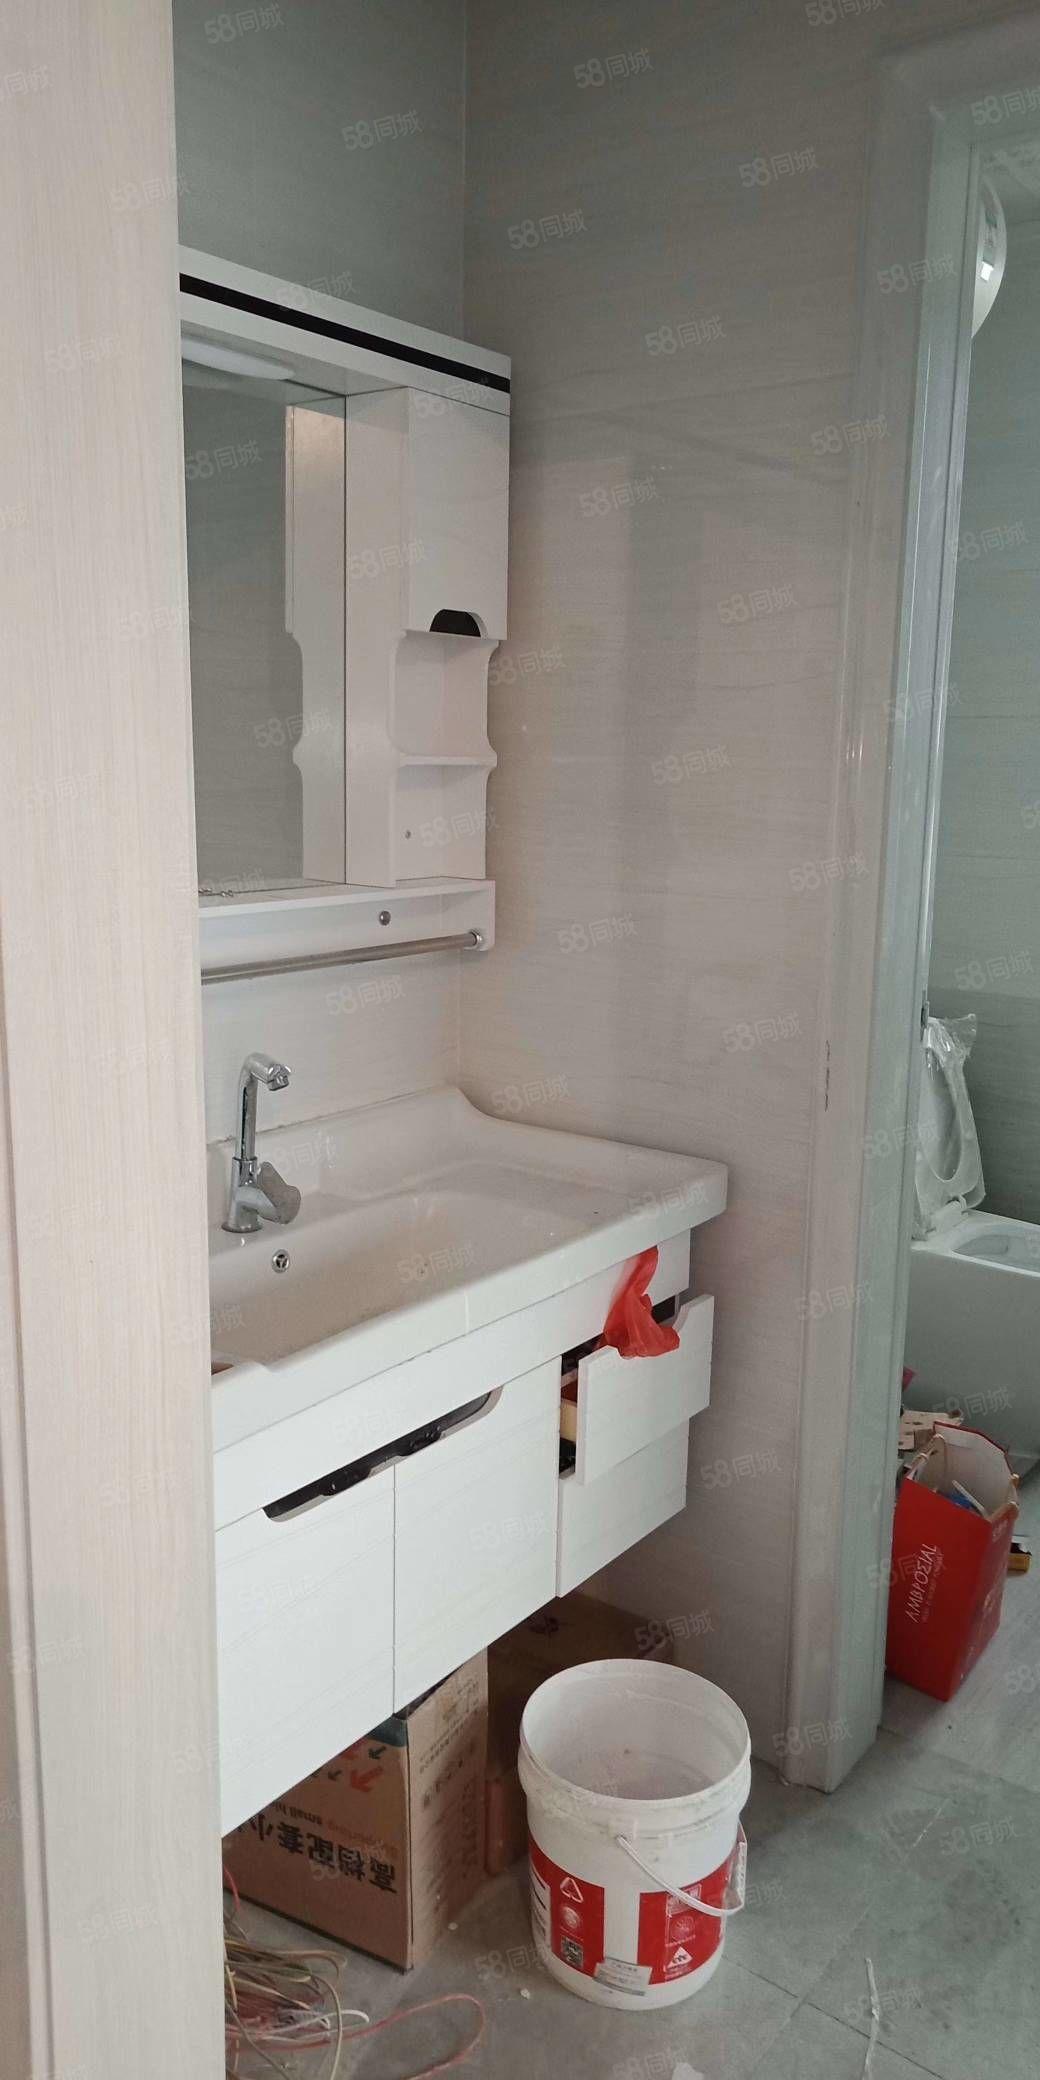 田森汇,一室一厅,冰箱洗衣机电视,家具家电齐全,